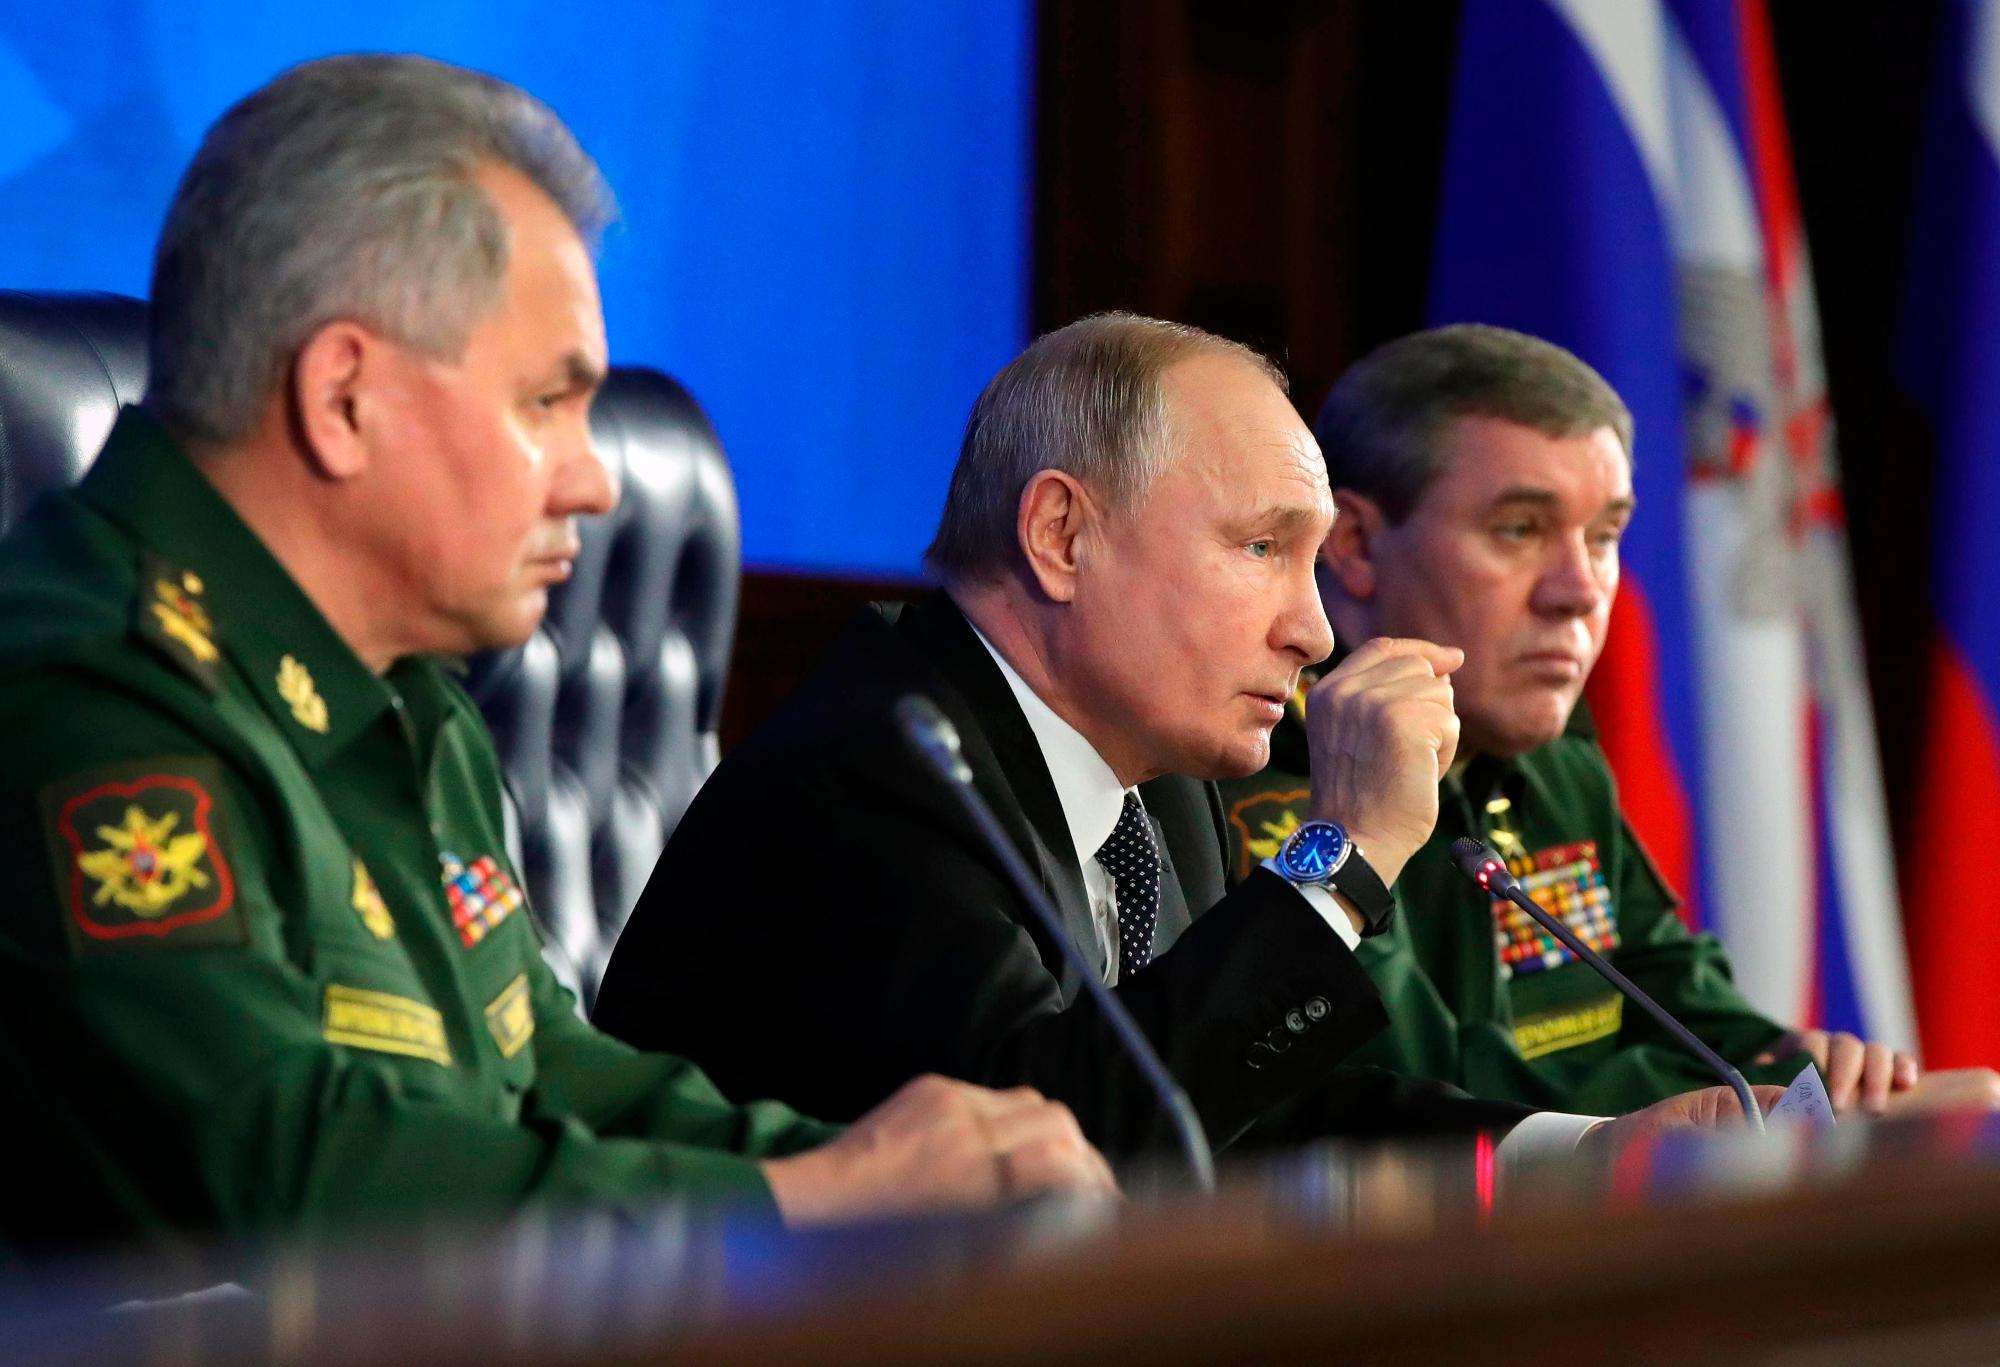 Putin and the military